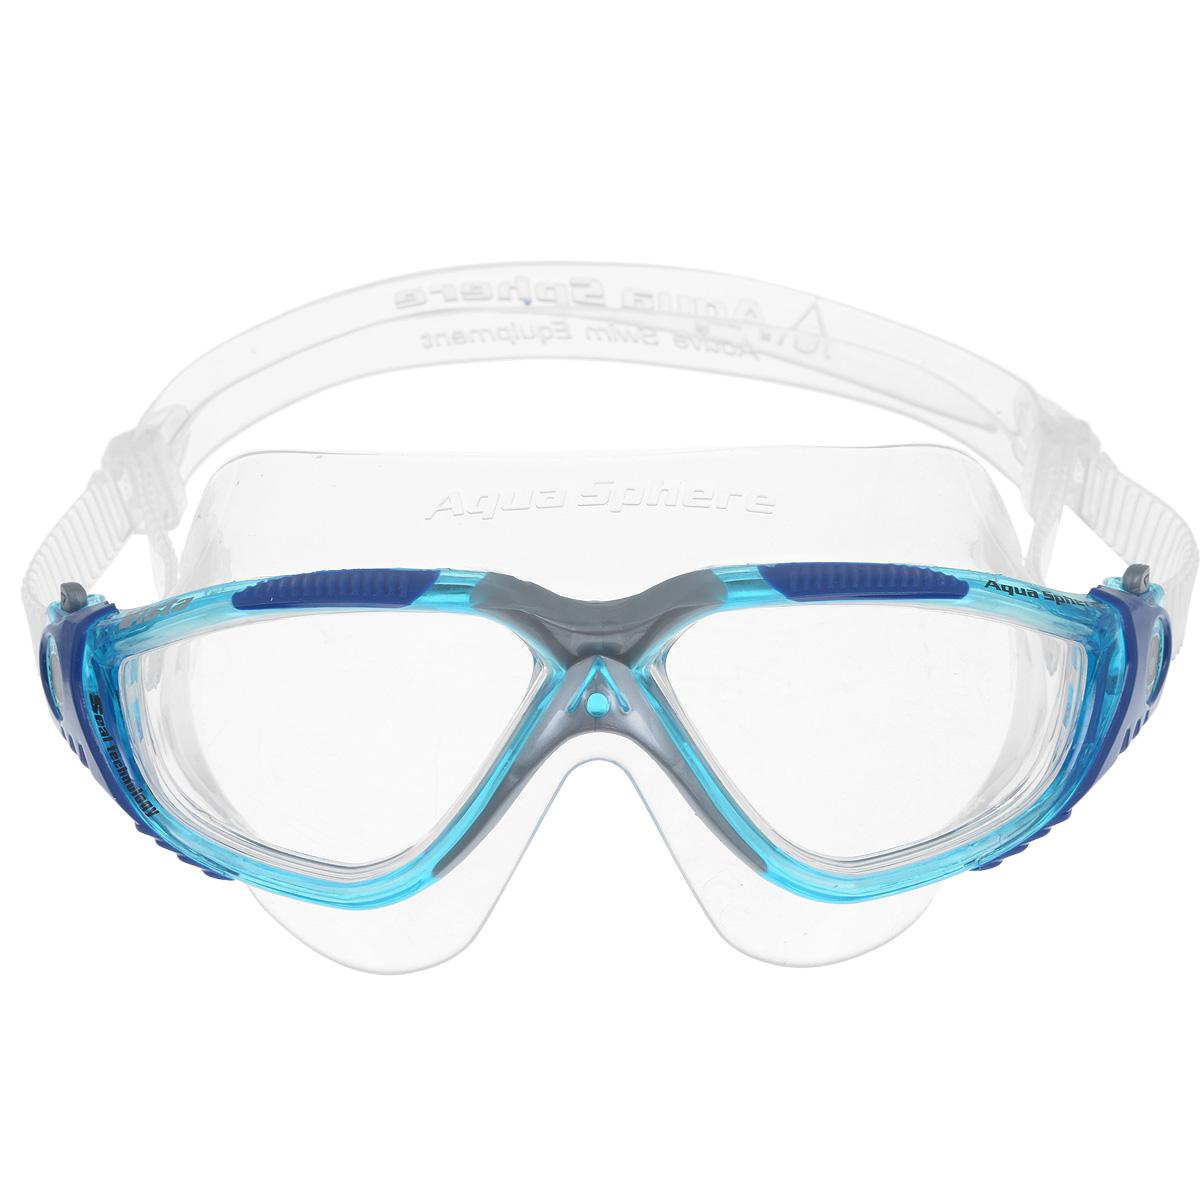 Очки для плавания Aqua Sphere Vista, цвет: аквамарин, синийJ504N-9093Очки Aqua Sphere Vista имеют исключительно малую парусность, что минимизирует вероятность их сползания во время плавания. Кристально прозрачные полукруглые линзы обеспечивают обзор 180°. Очки дают 100% защиту от ультрафиолетового излучения. Специальное покрытие препятствует запотеванию стекол.Материал: силикон, plexisol.